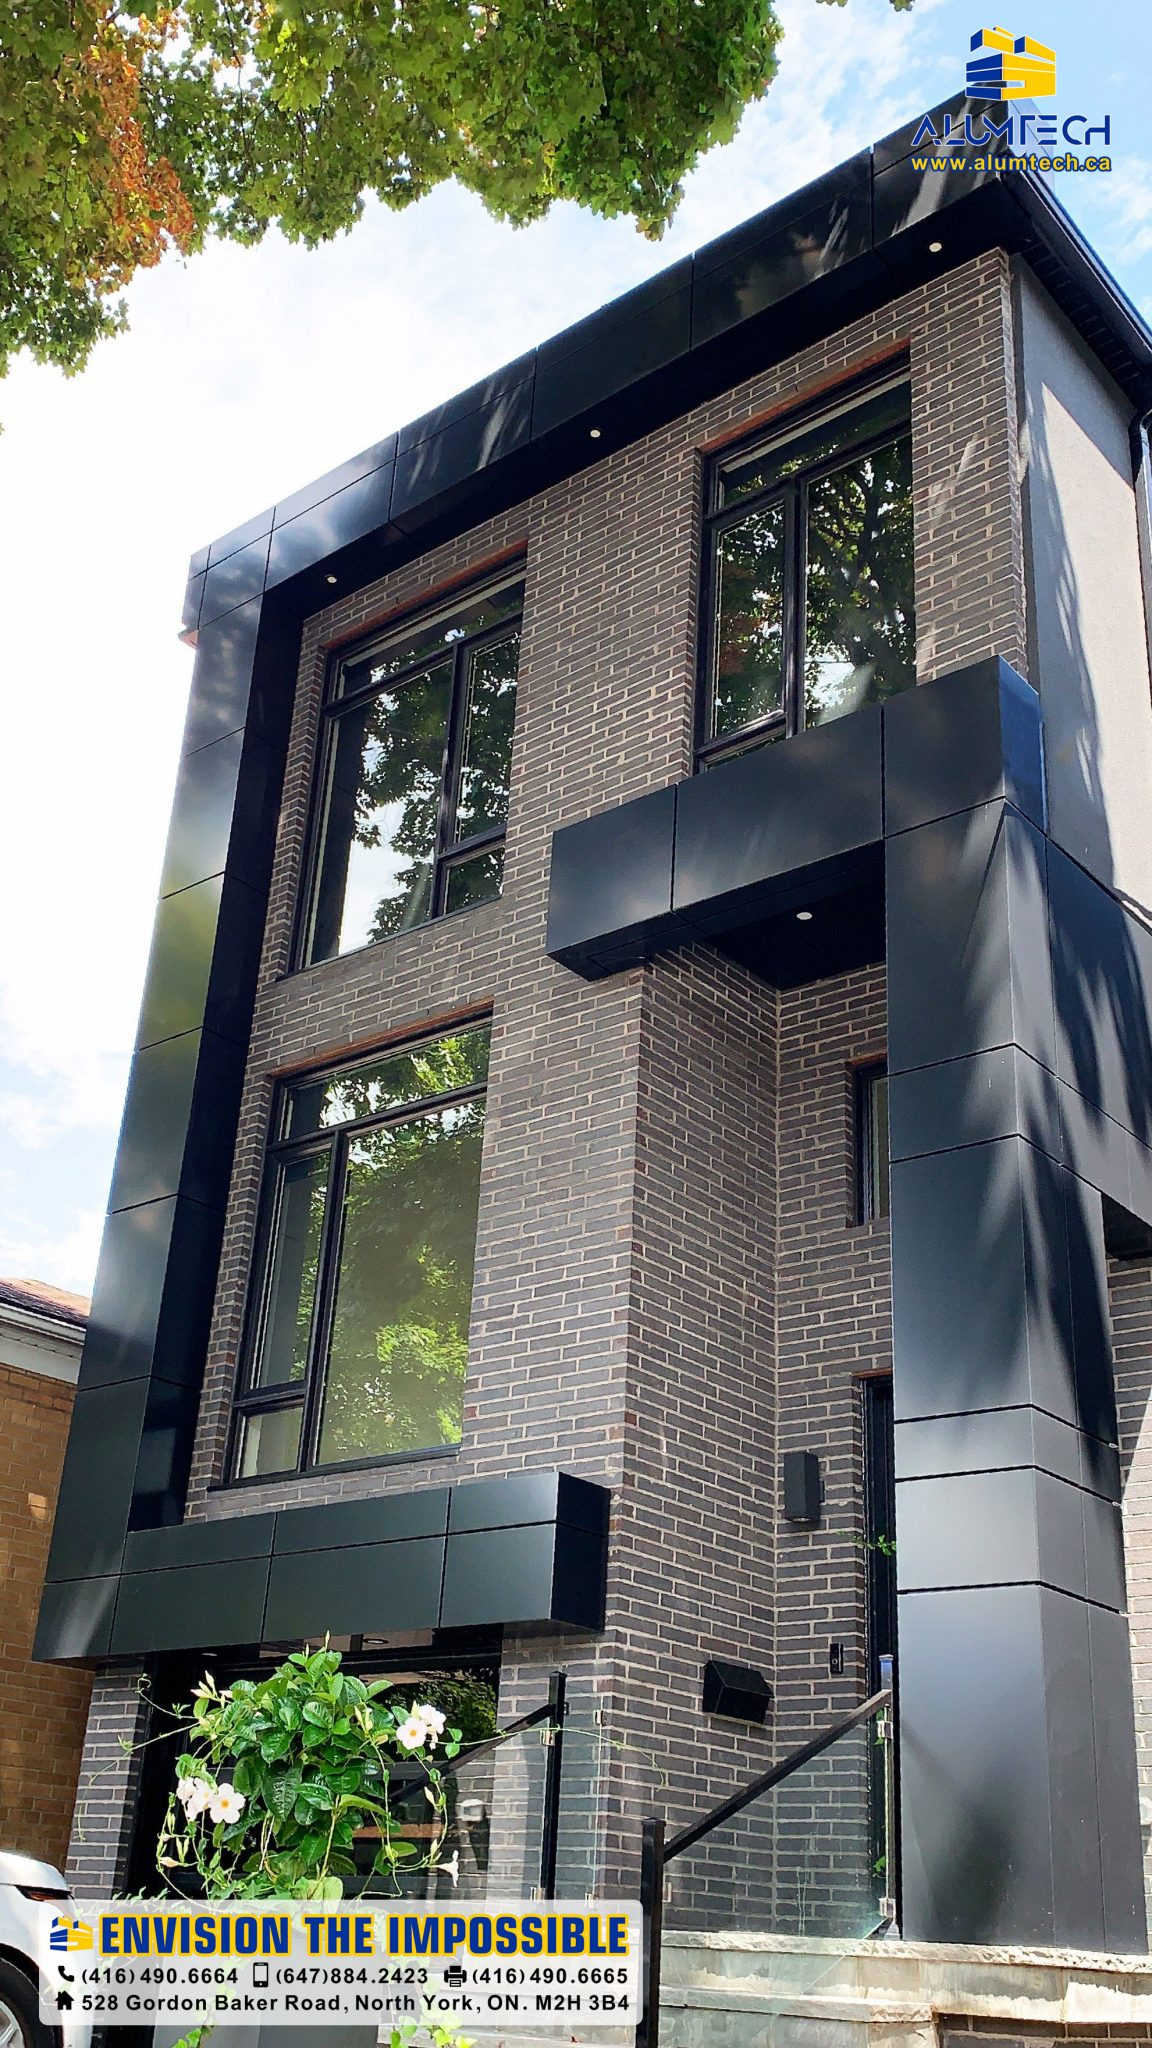 57 Roseneath Gdns 2, acm panels, aluminum composite panel